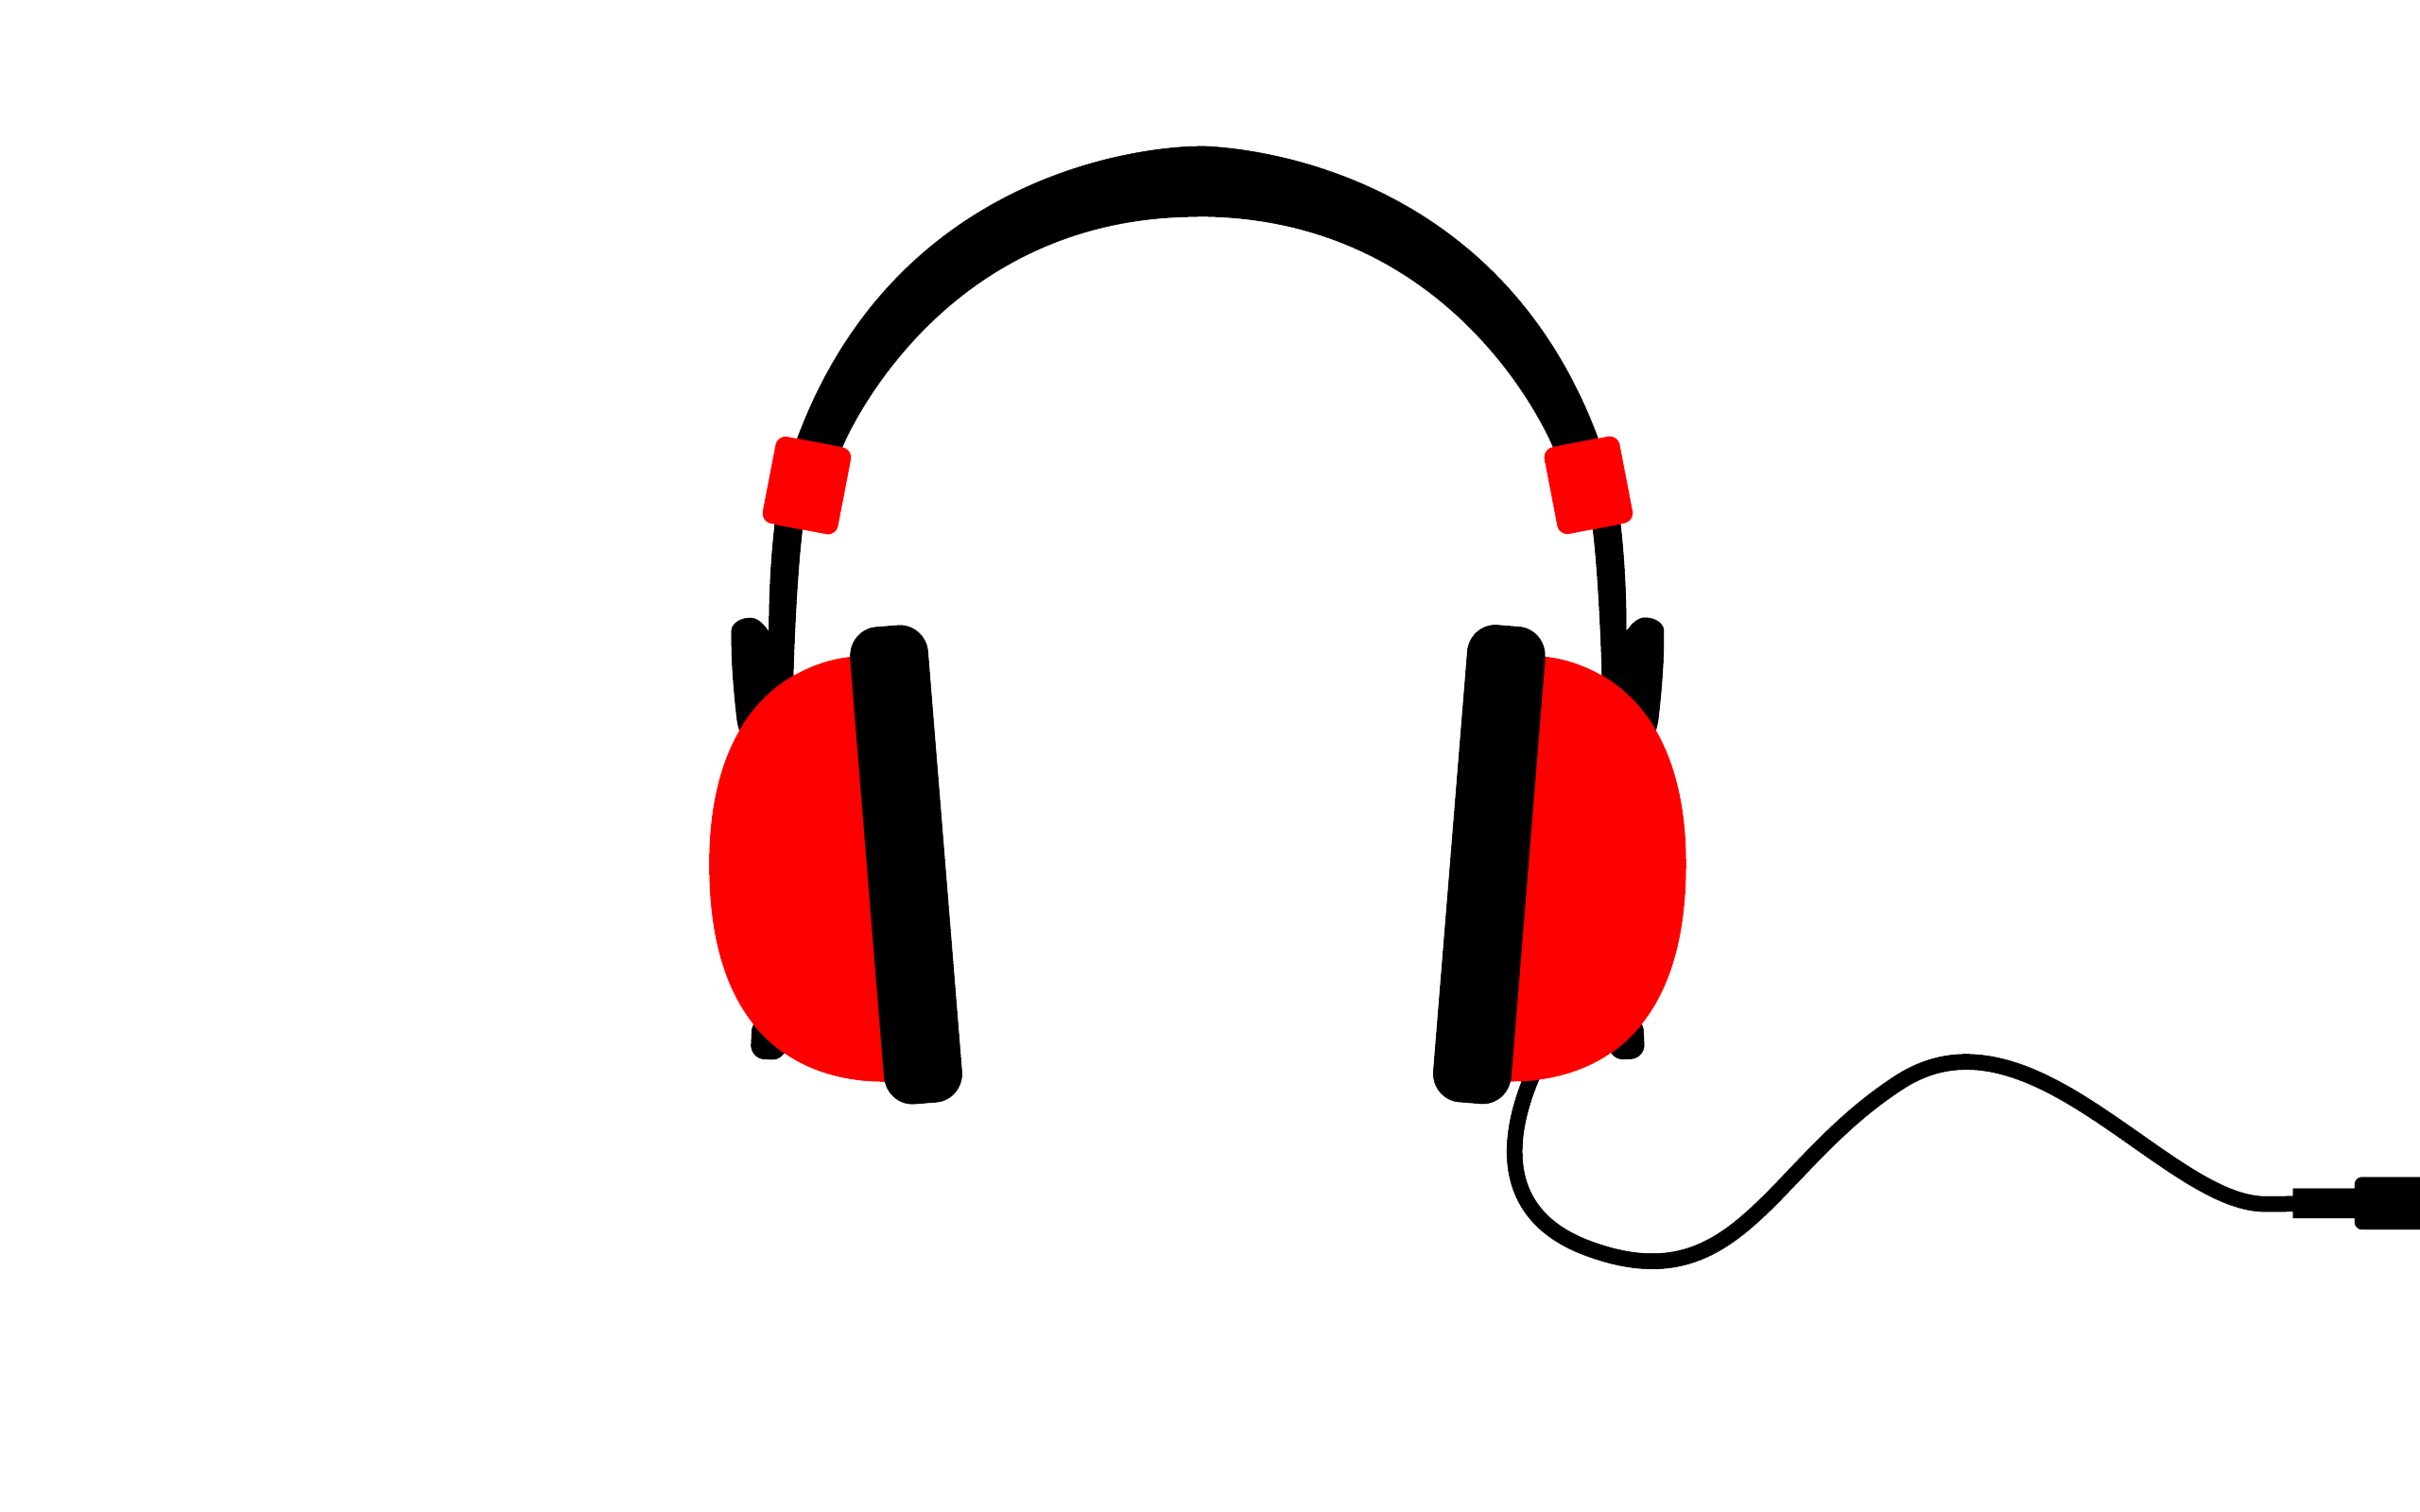 Headphones PNG - 903